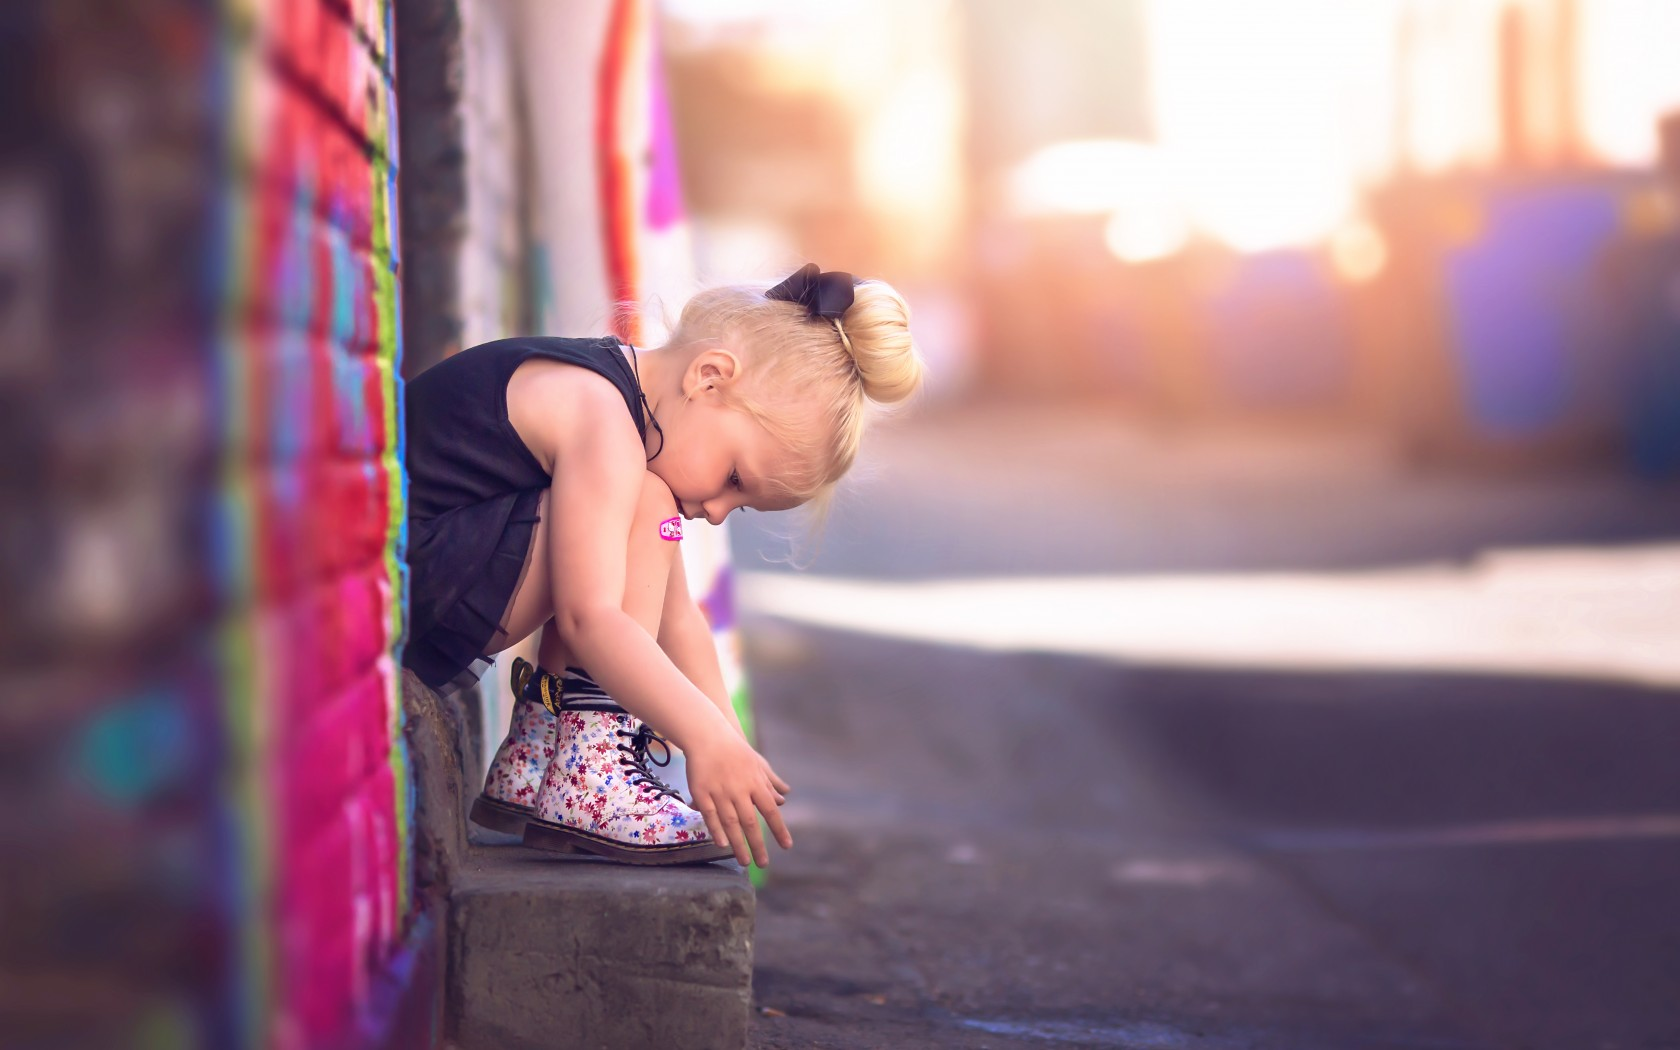 Первый раз в первый сад: 5 правил, как помочь ребенку привыкнуть к детскому саду